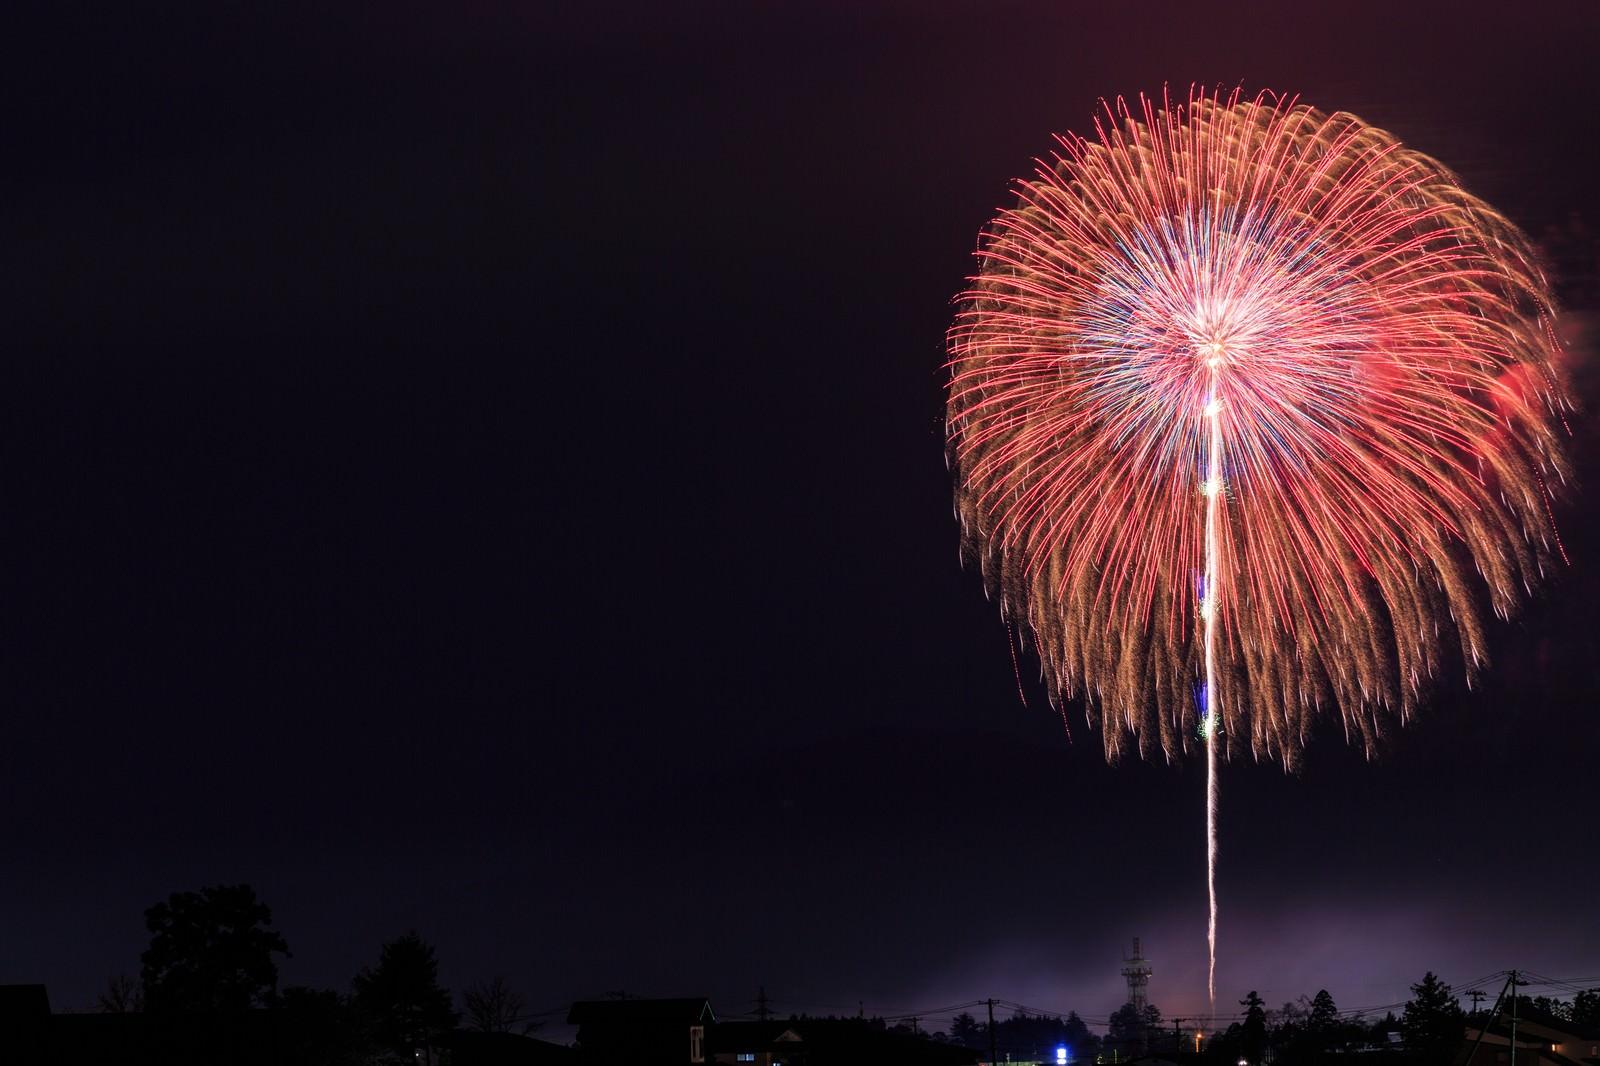 「遠くの打ち上げ花火遠くの打ち上げ花火」のフリー写真素材を拡大